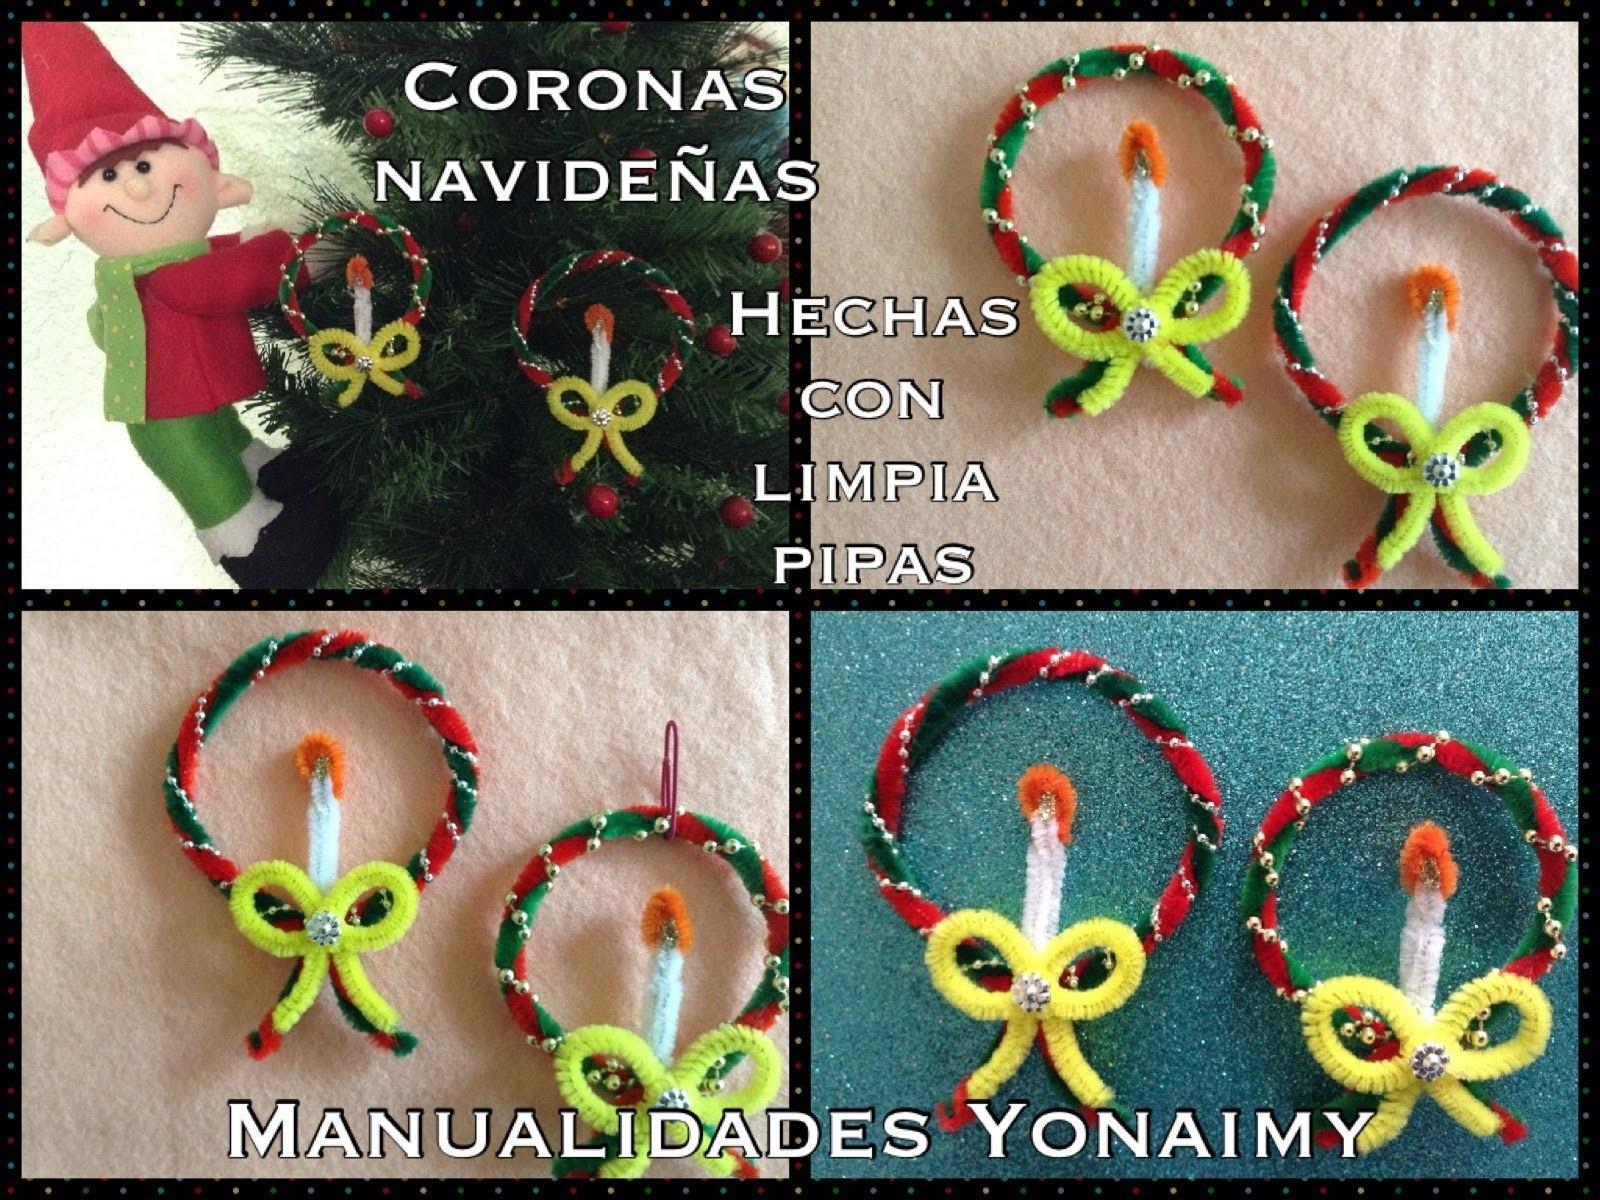 Coronas navide as hechas con limpia pipas - Como hacer coronas navidenas ...